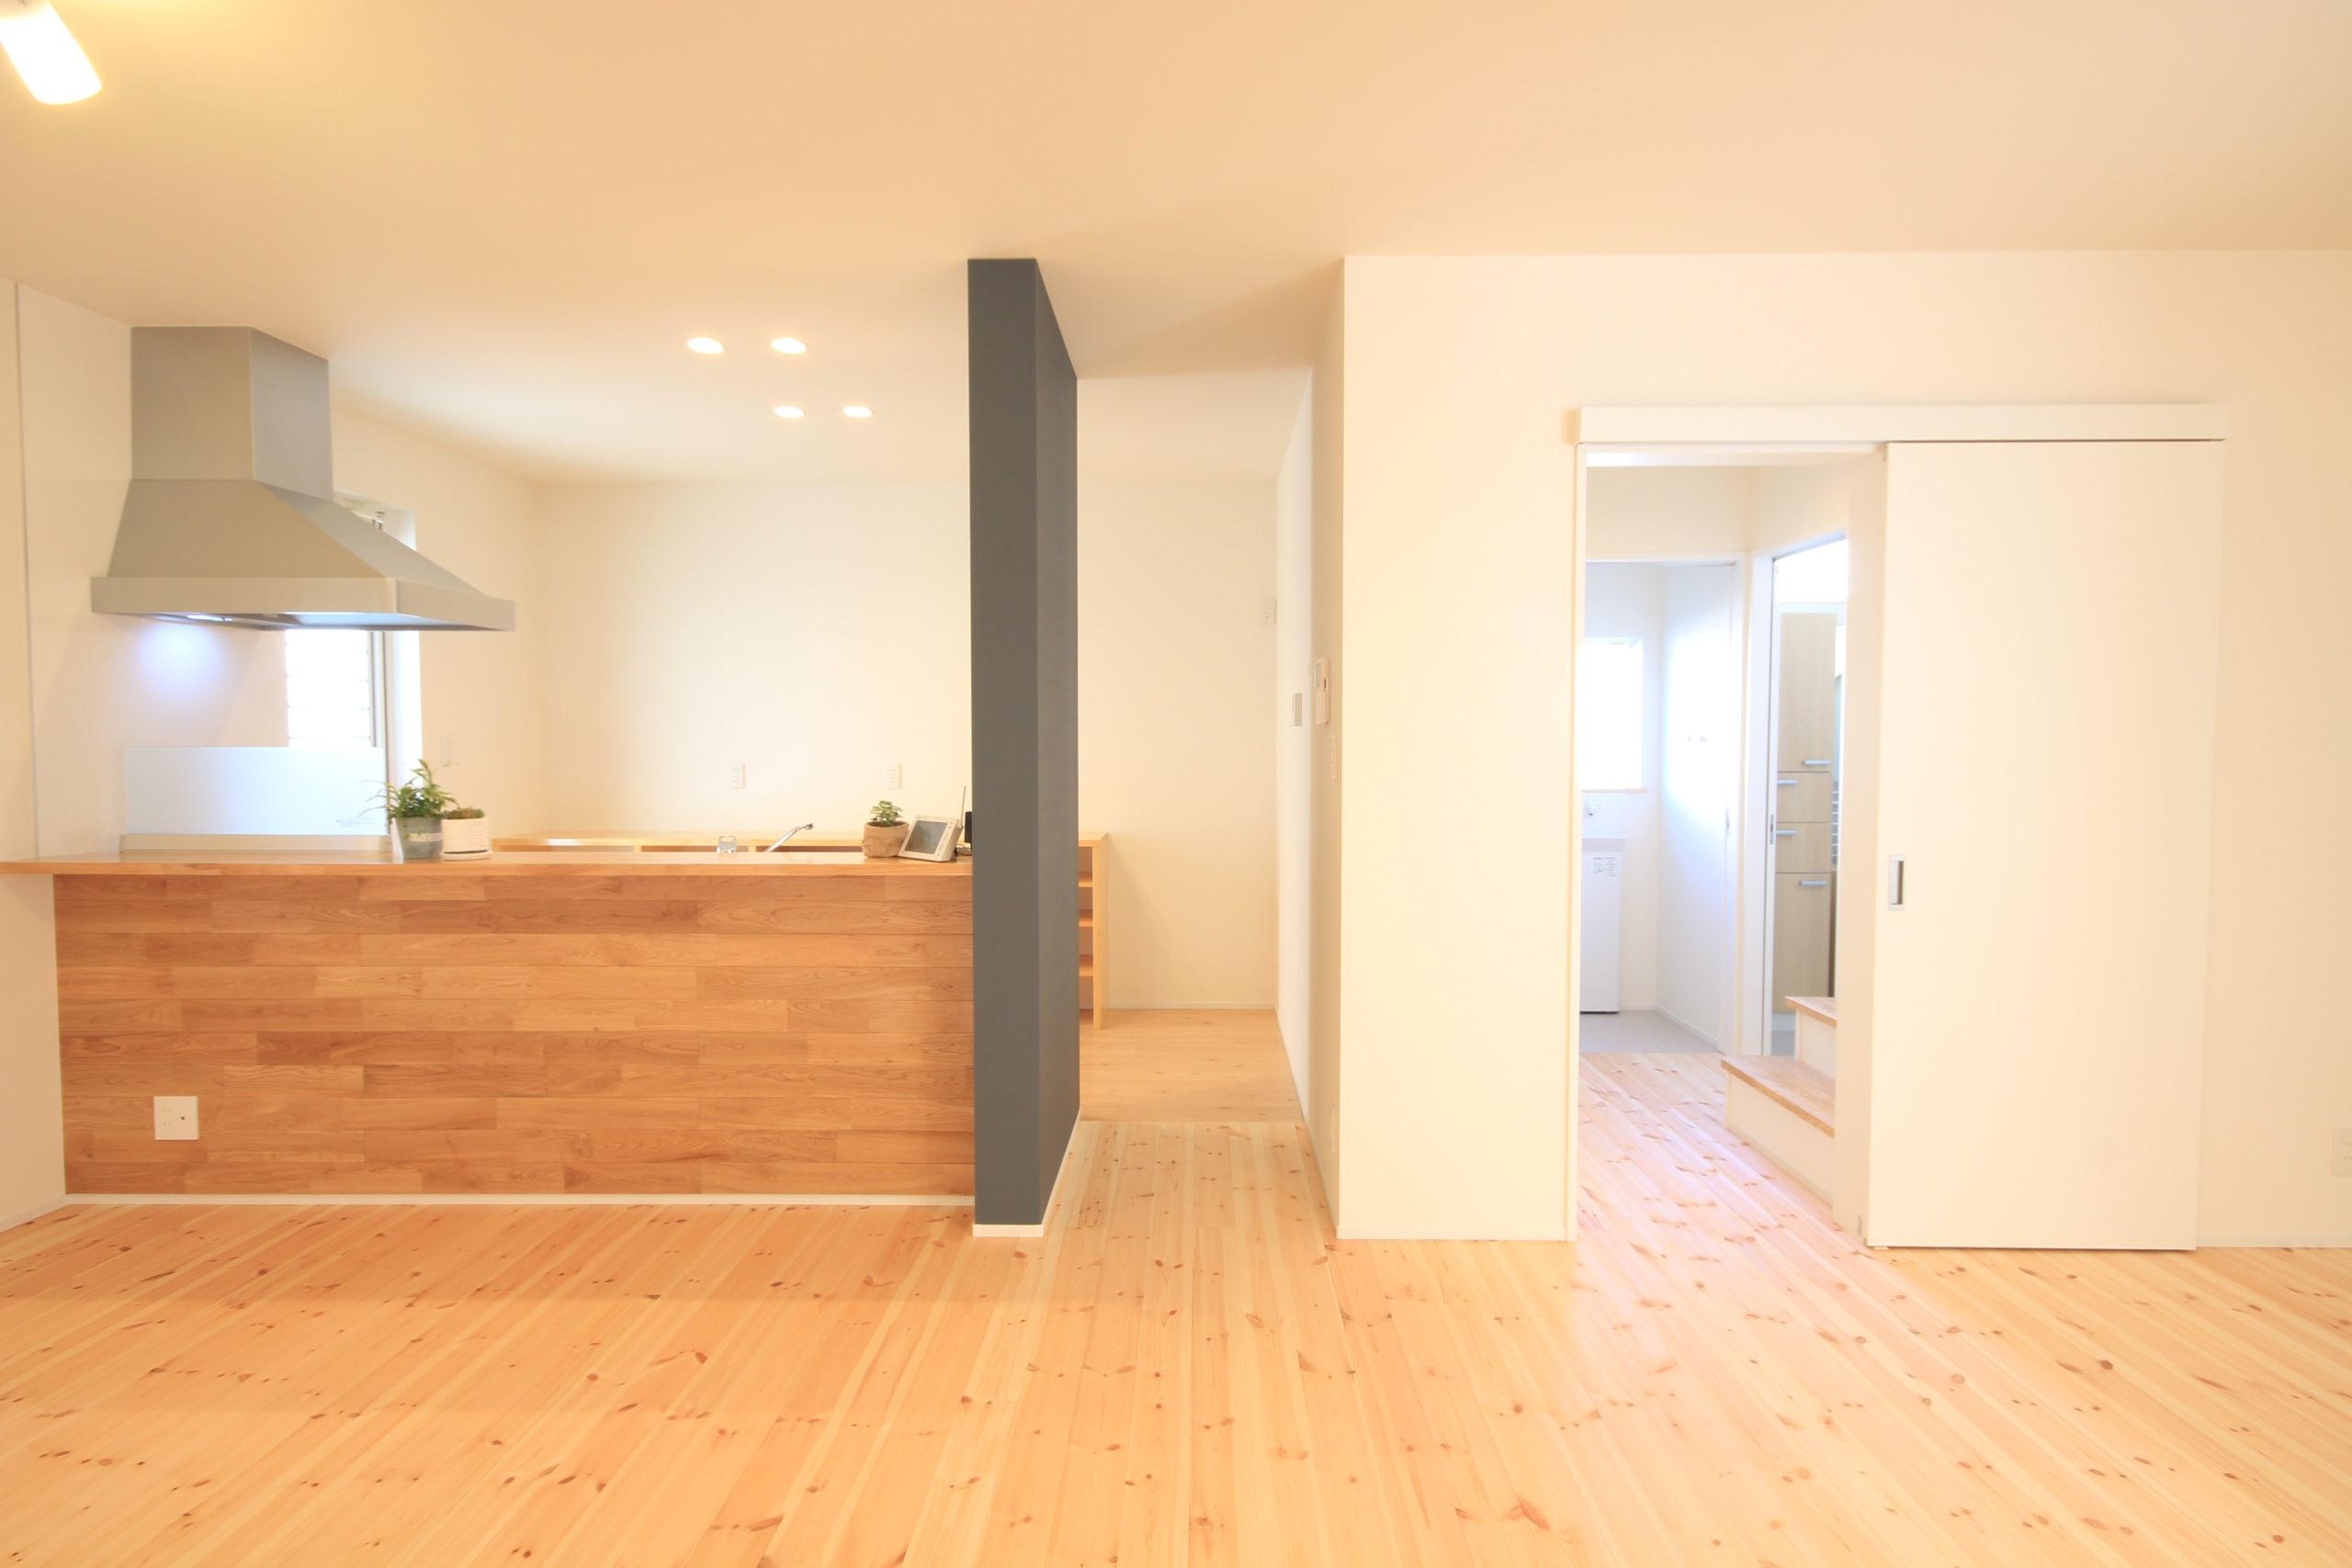 栃木県上三川の耐震住宅施工事例K邸のダイニングキッチン